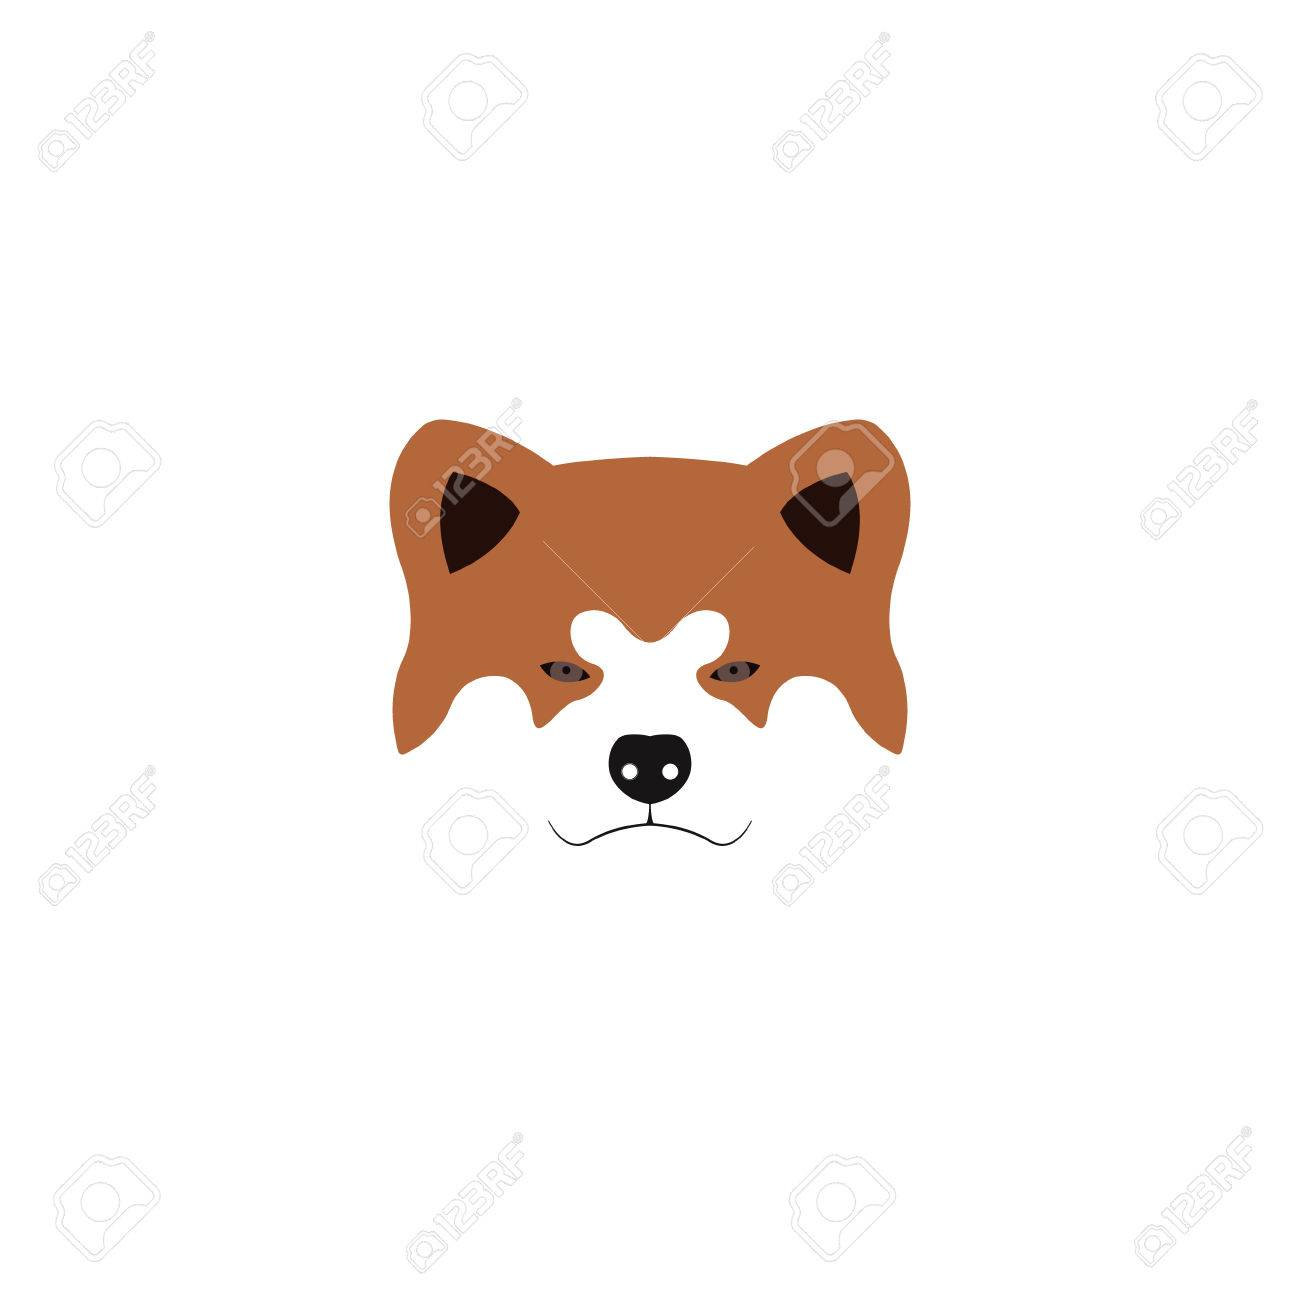 日本秋田犬犬のイラストベクトルの図のイラスト素材ベクタ Image